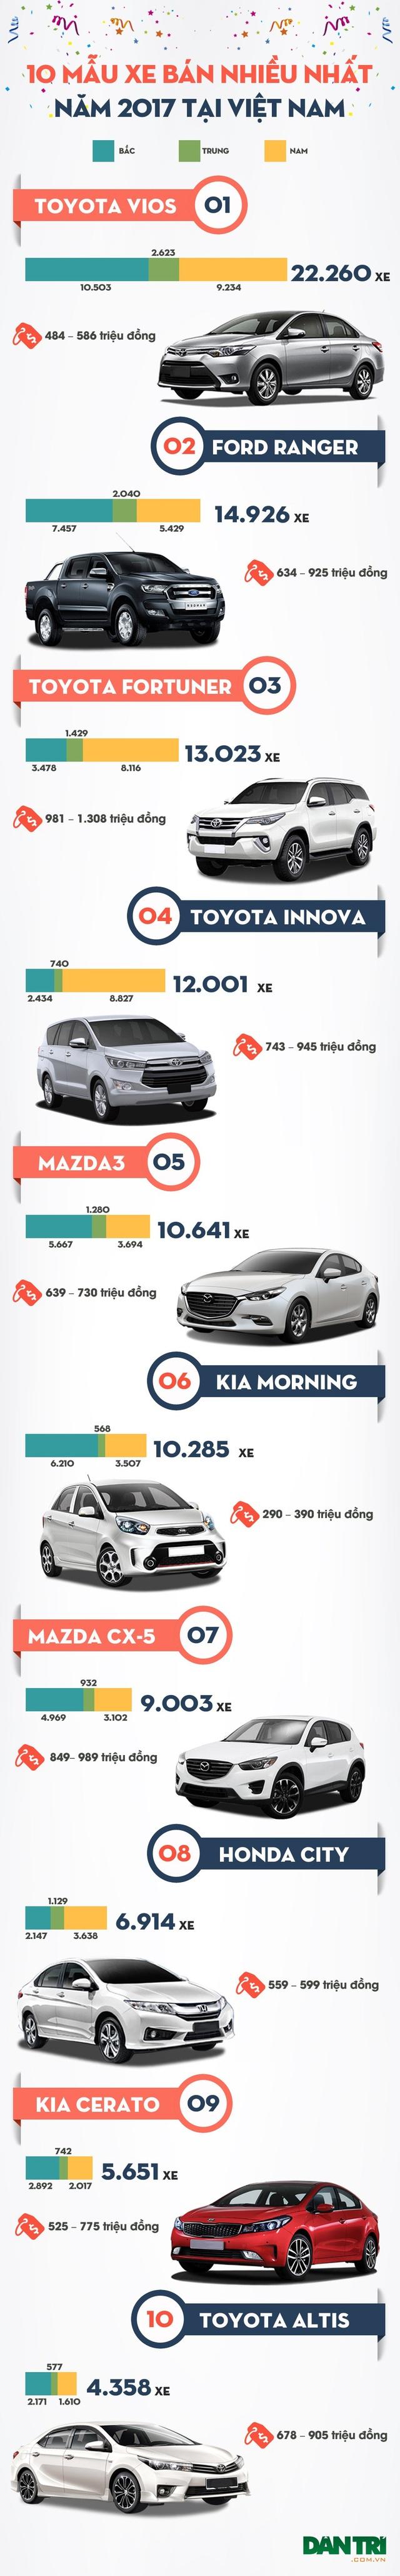 Top 10 mẫu xe bán chạy nhất Việt Nam năm 2017 - 3